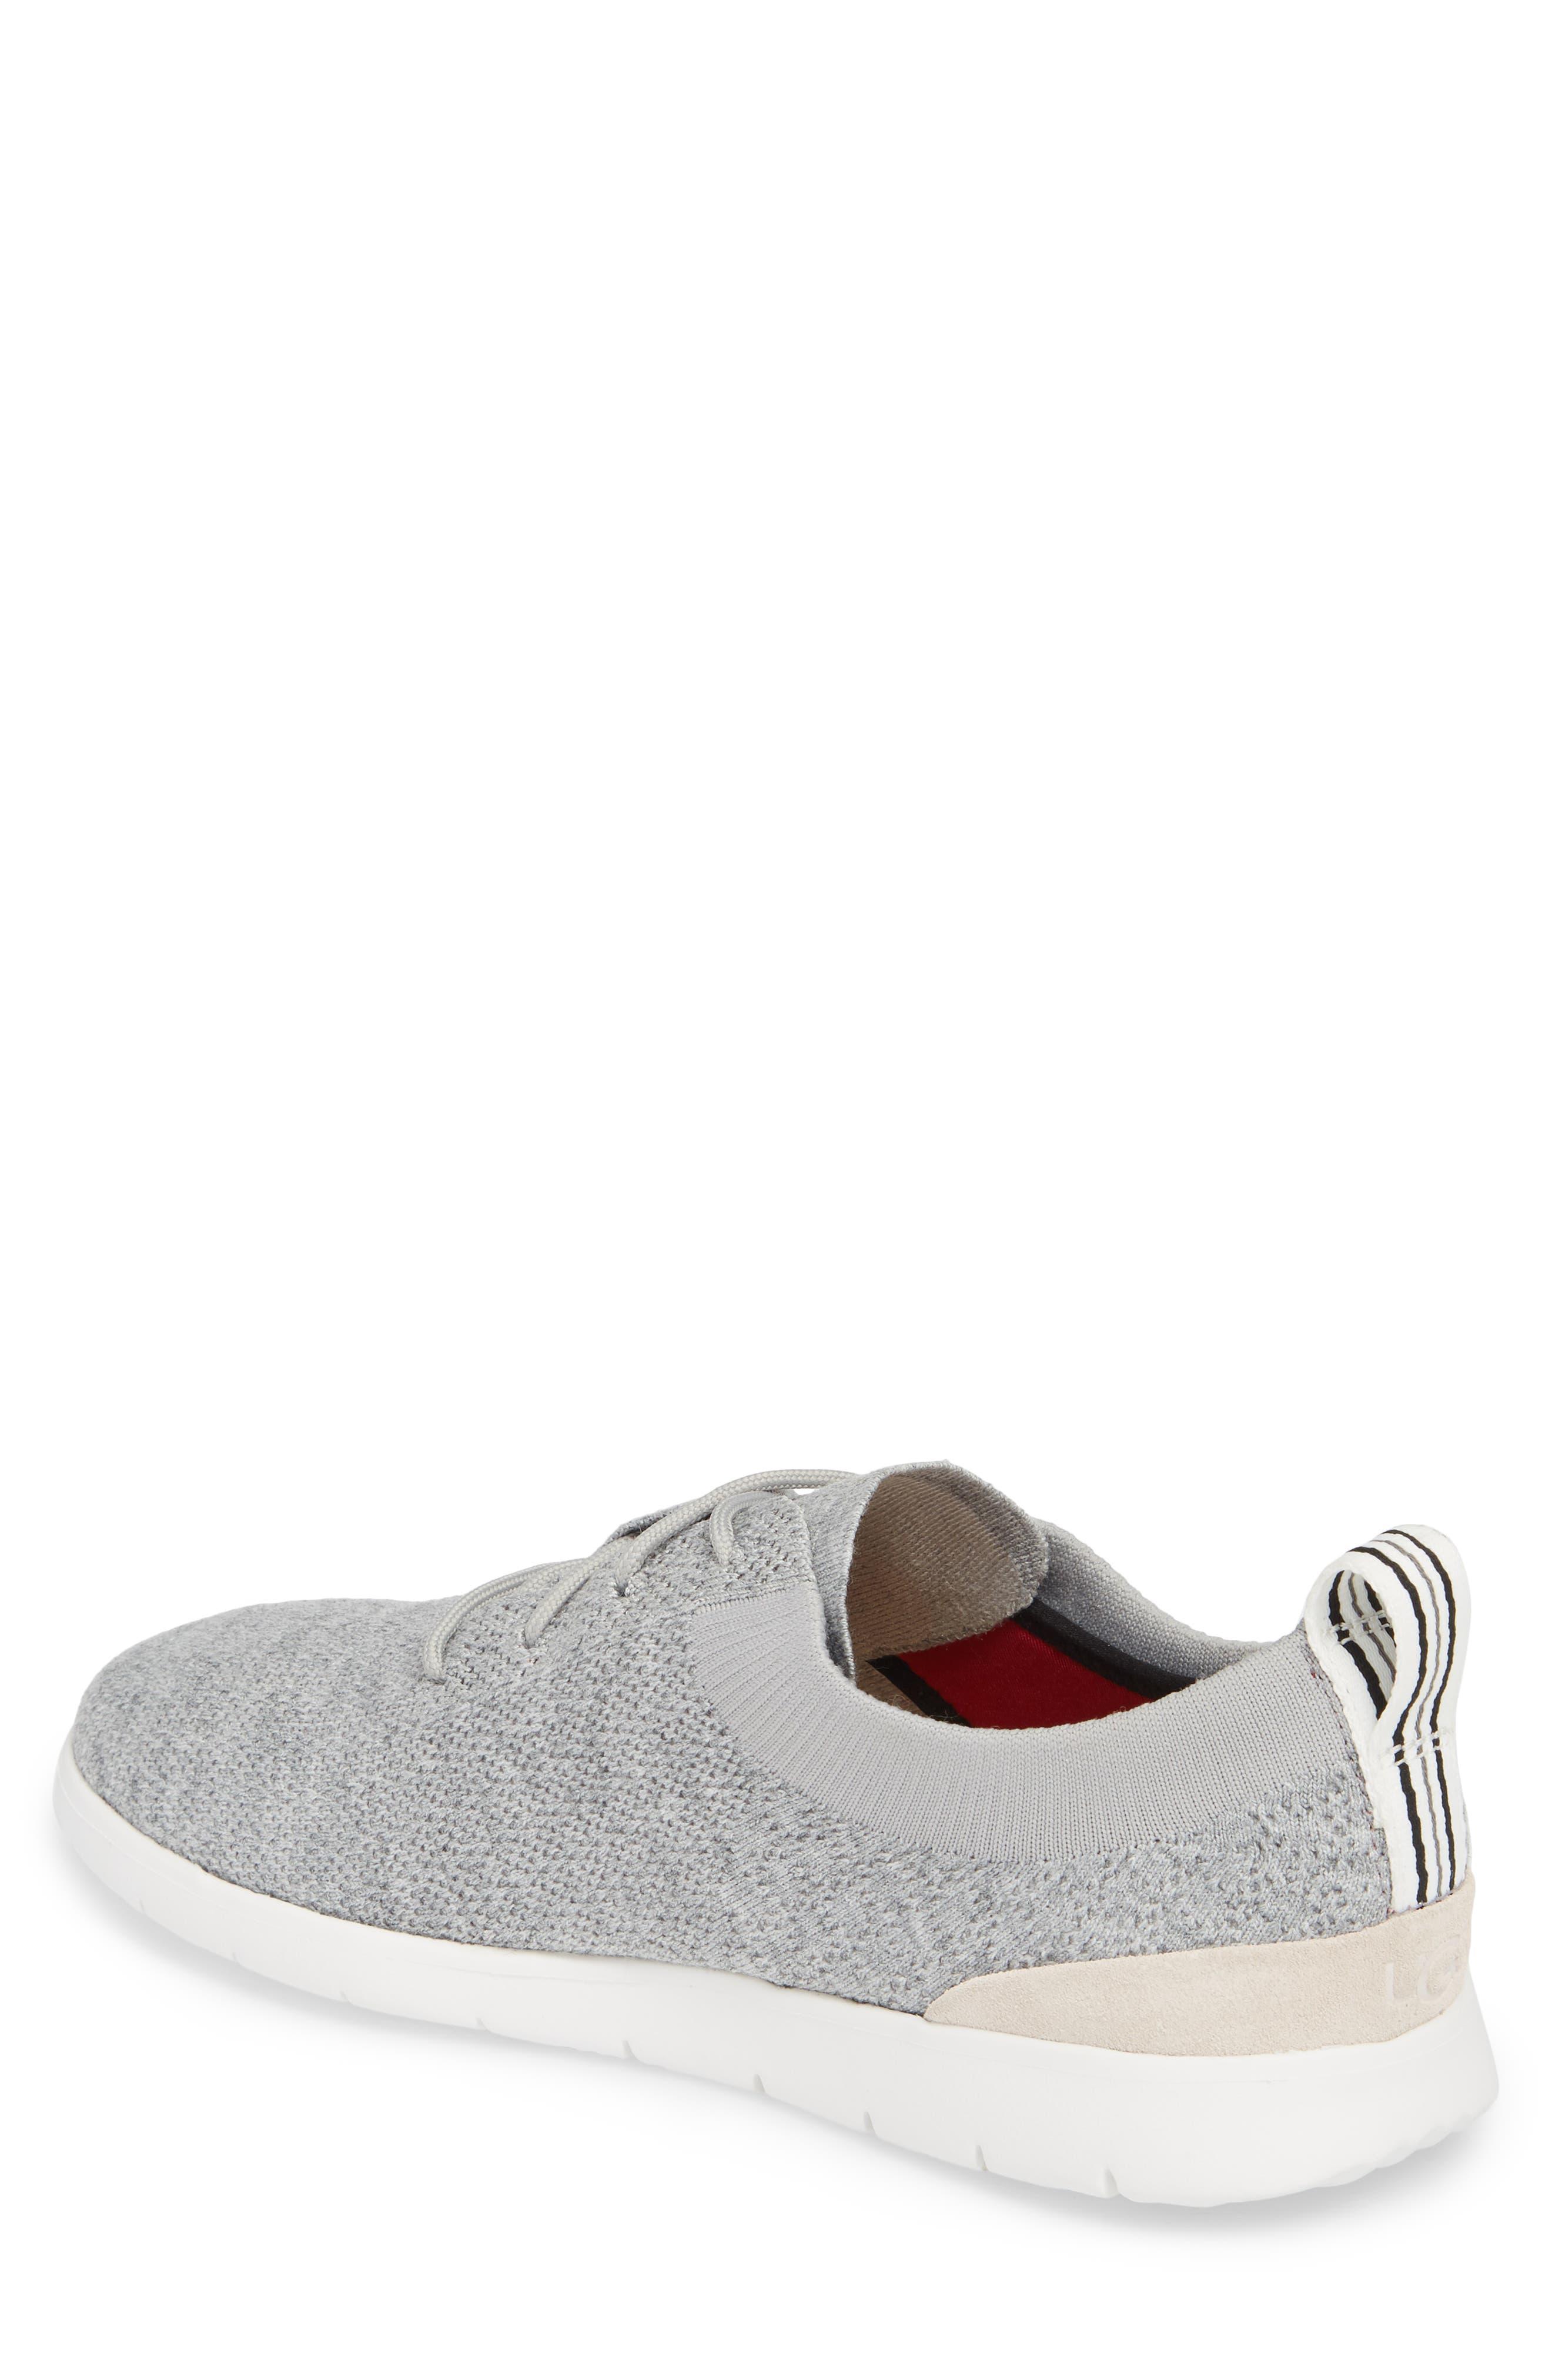 Feli HyperWeave Sneaker,                             Alternate thumbnail 2, color,                             Seal Leather